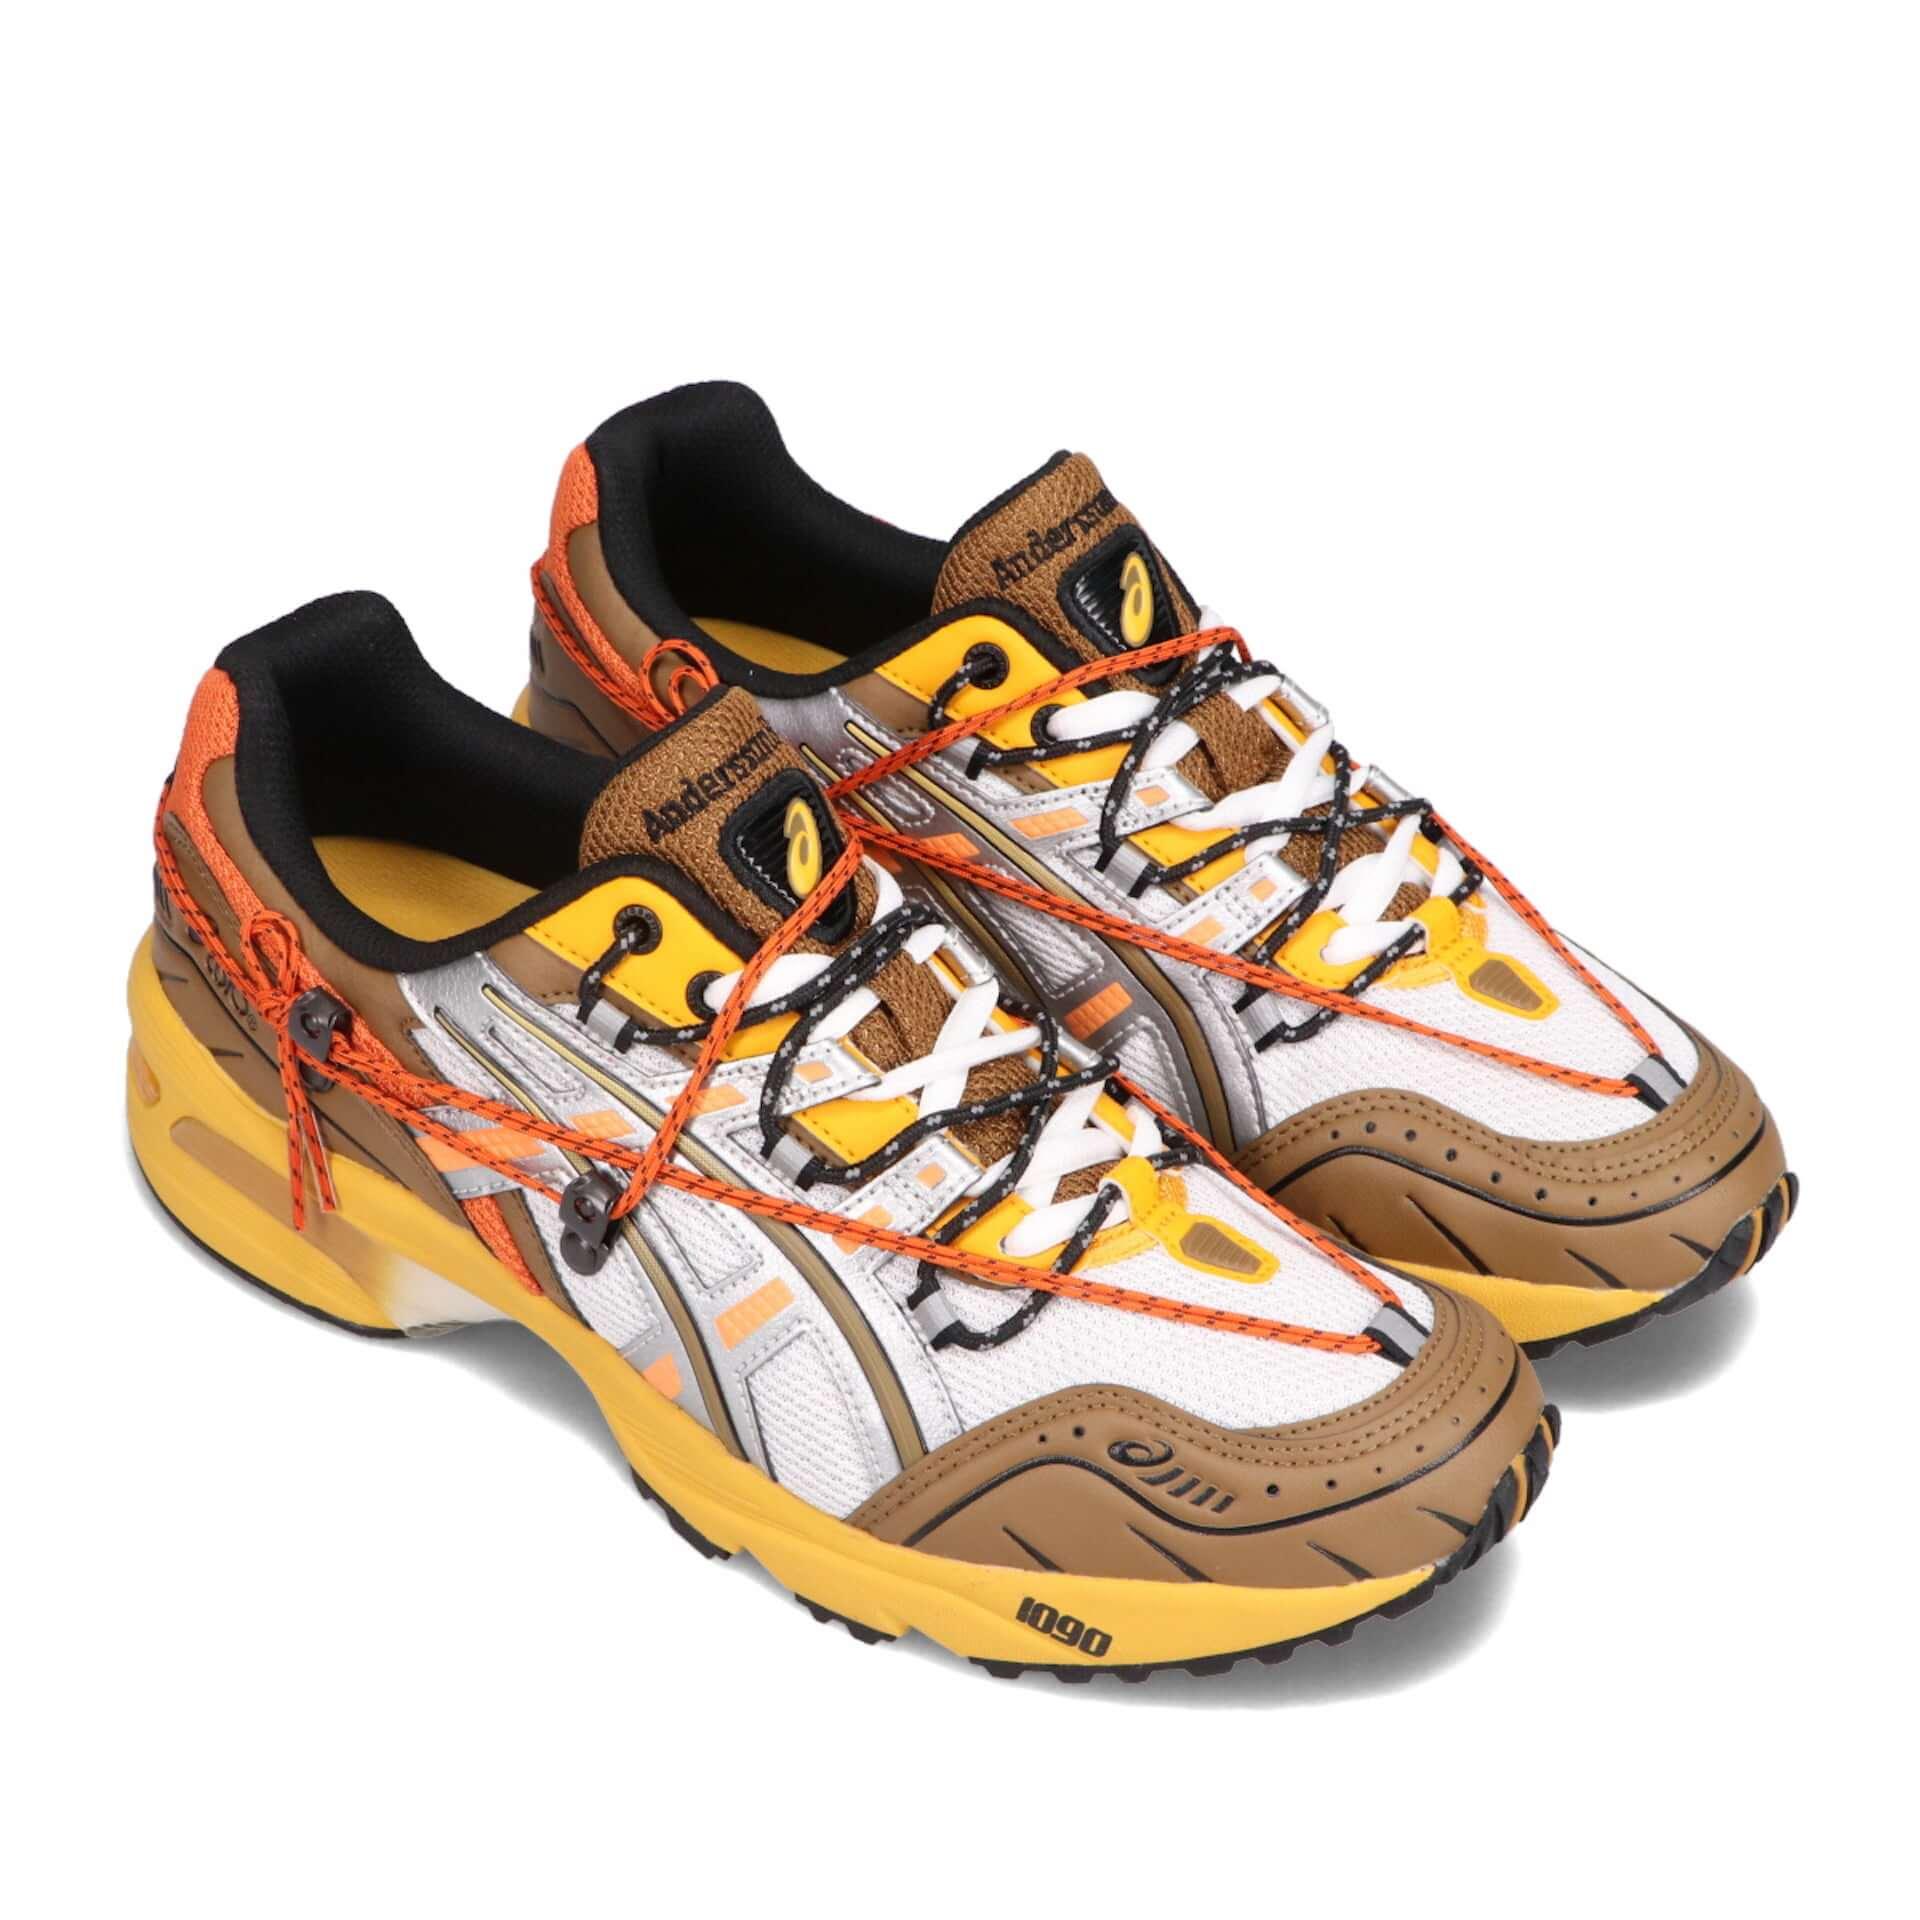 atmosにてASICS SportStyle『GEL-1090』の新色3種が発売決定!Andersson Bellの登山靴から着想を得た装飾に注目 lf210324_atmos_2-1920x1920